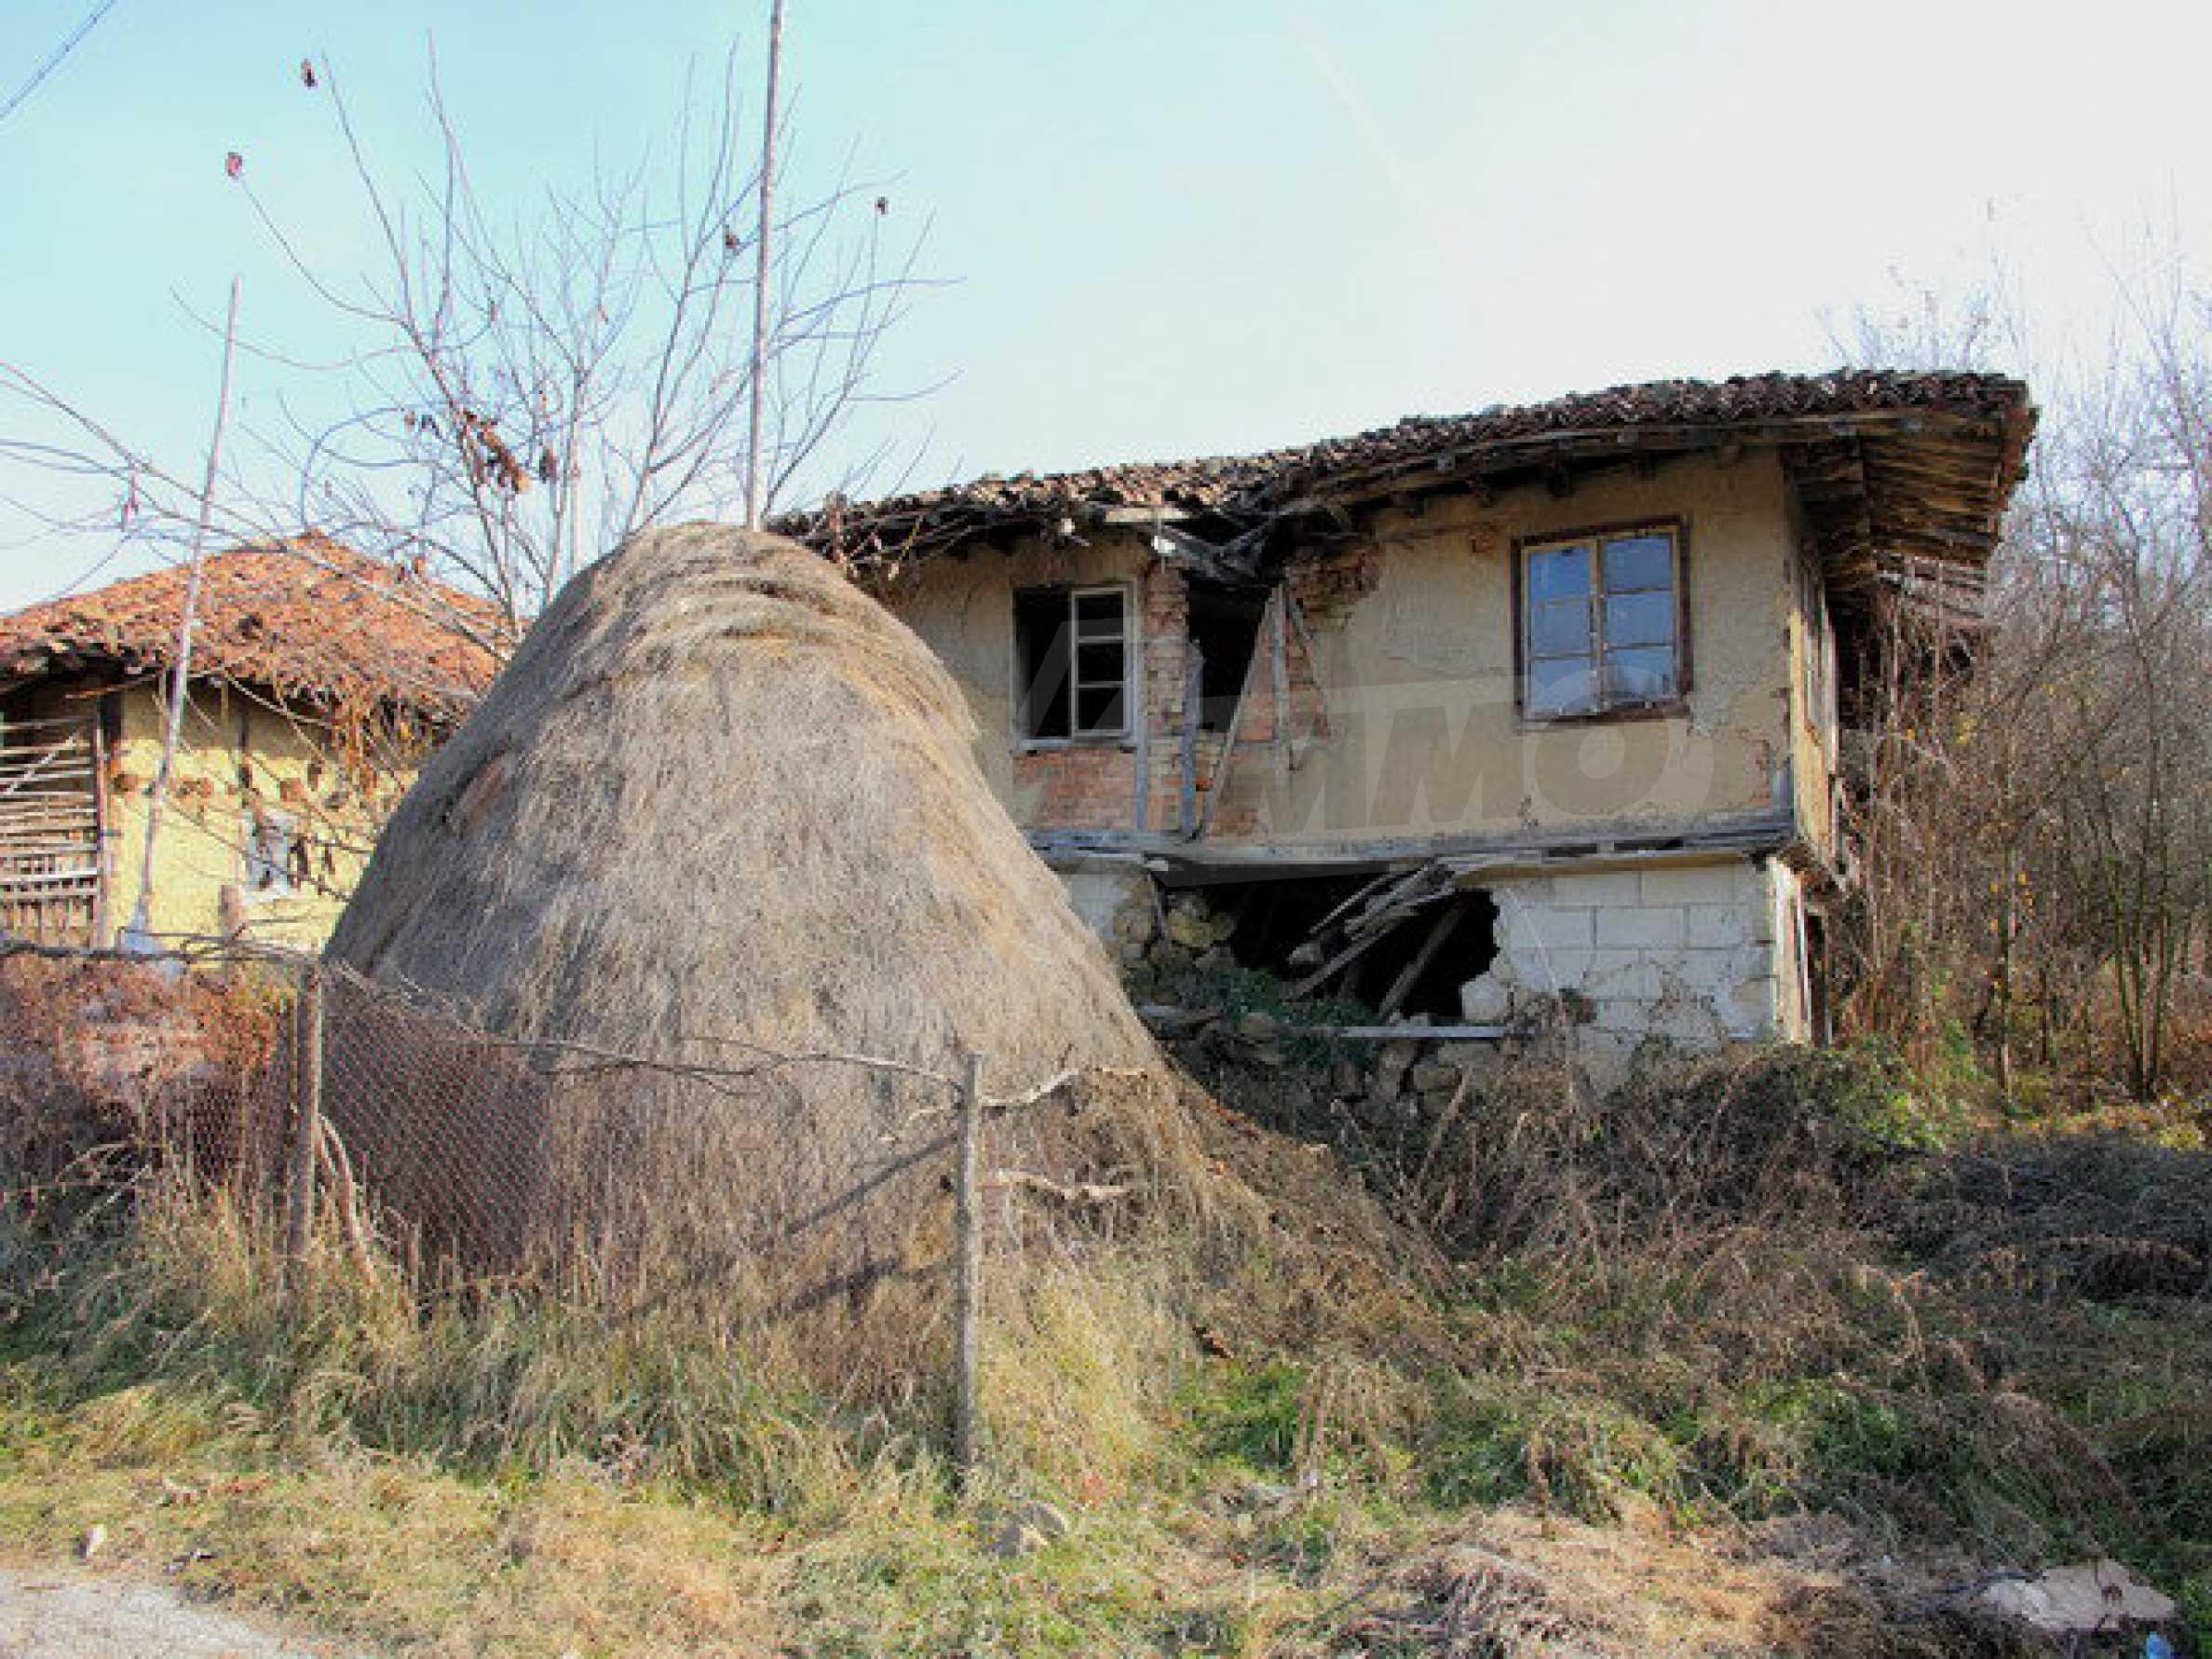 Grundstück mit Abrisshaus in einem malerischen Dorf in der Gegend von Elena 1